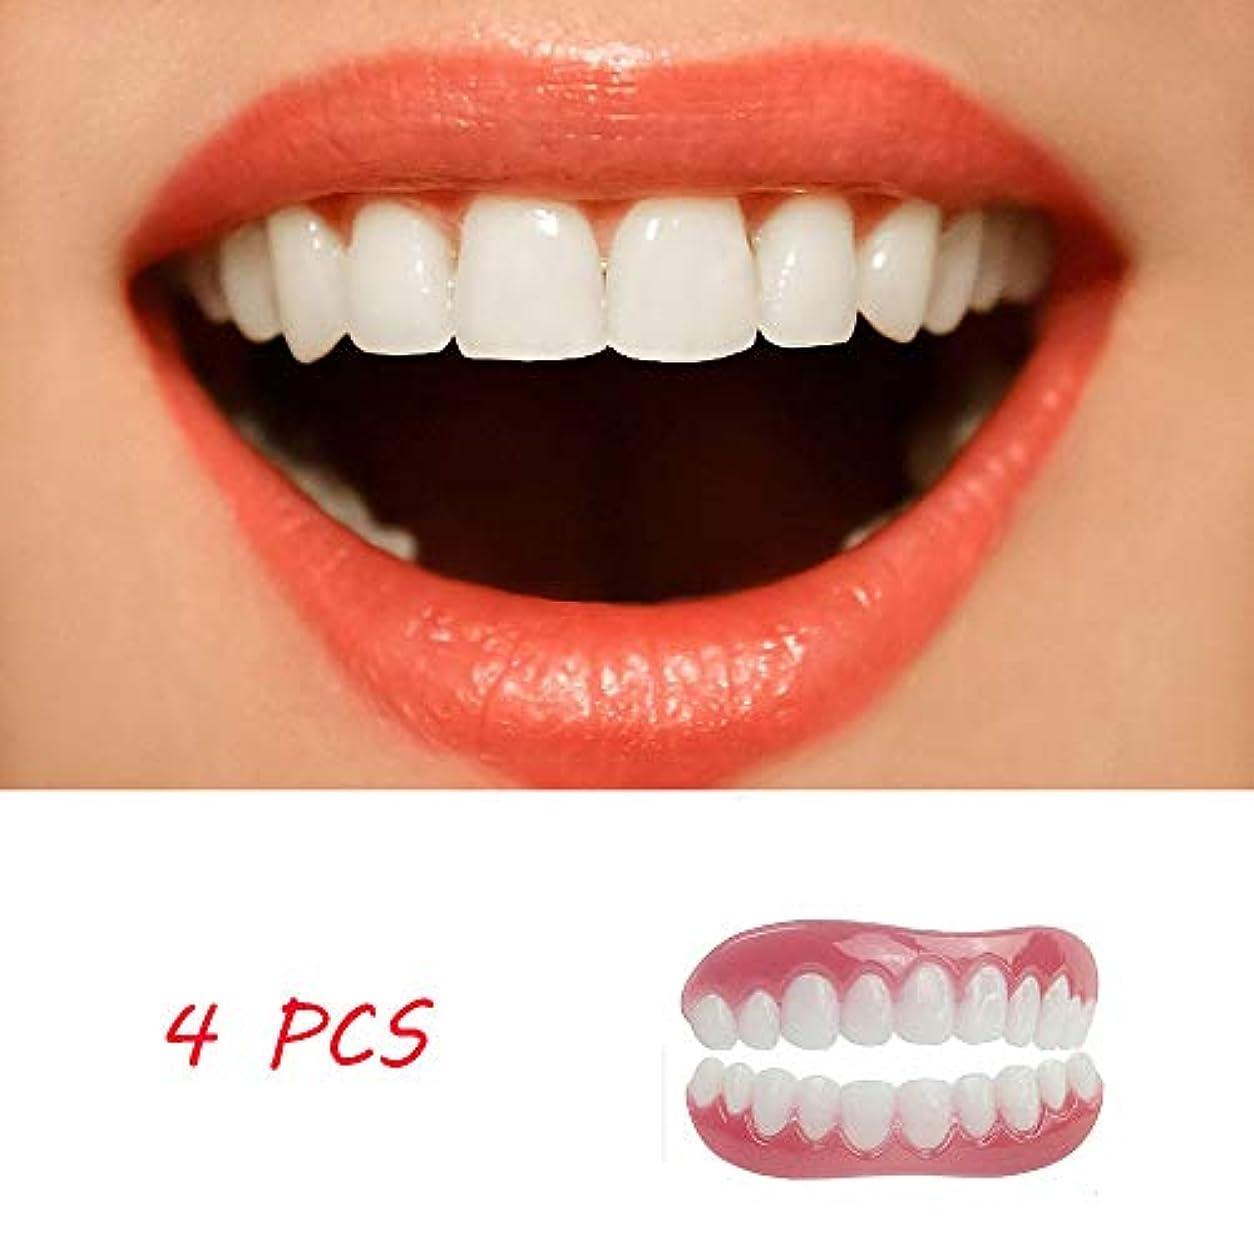 調整隣接呼ぶ新しい4ピースホワイトニング歯の快適さ柔らかい化粧品の歯一時的な笑顔のベニヤ歯科用化粧のベニヤ歯科用カバー美容ツール(上+下)